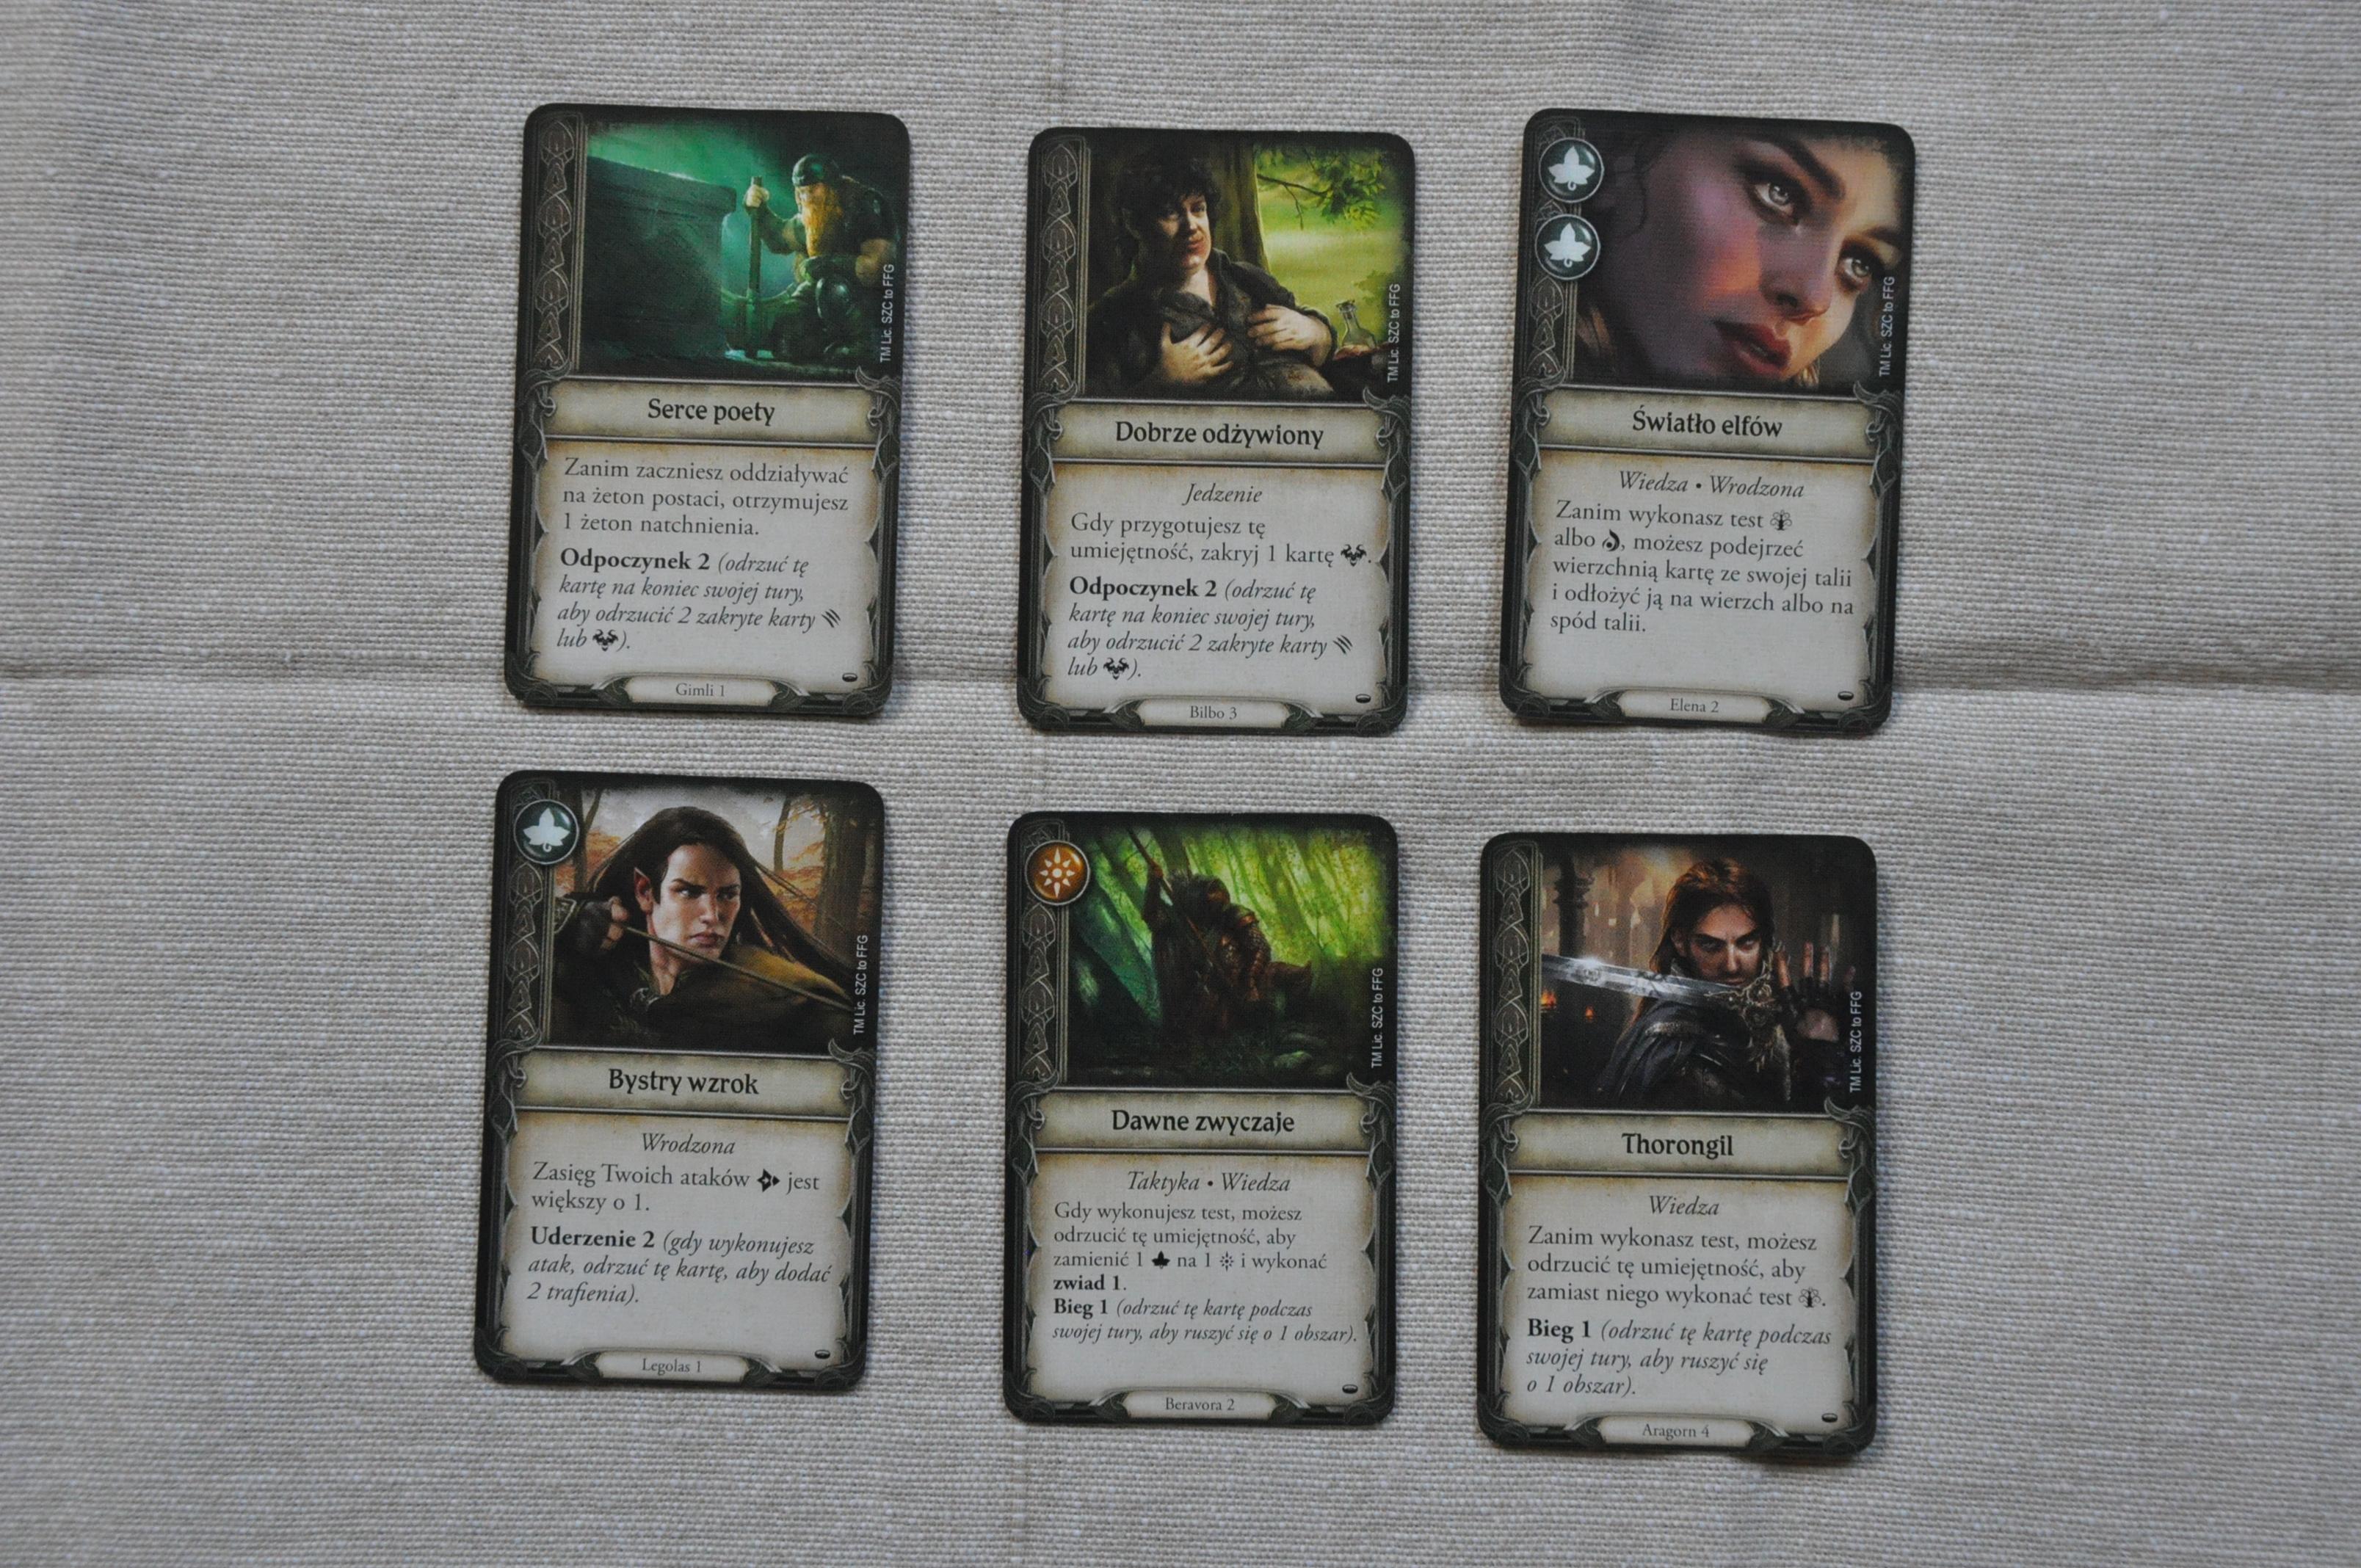 Karty imienne, przypisane dokonkretnych postaci